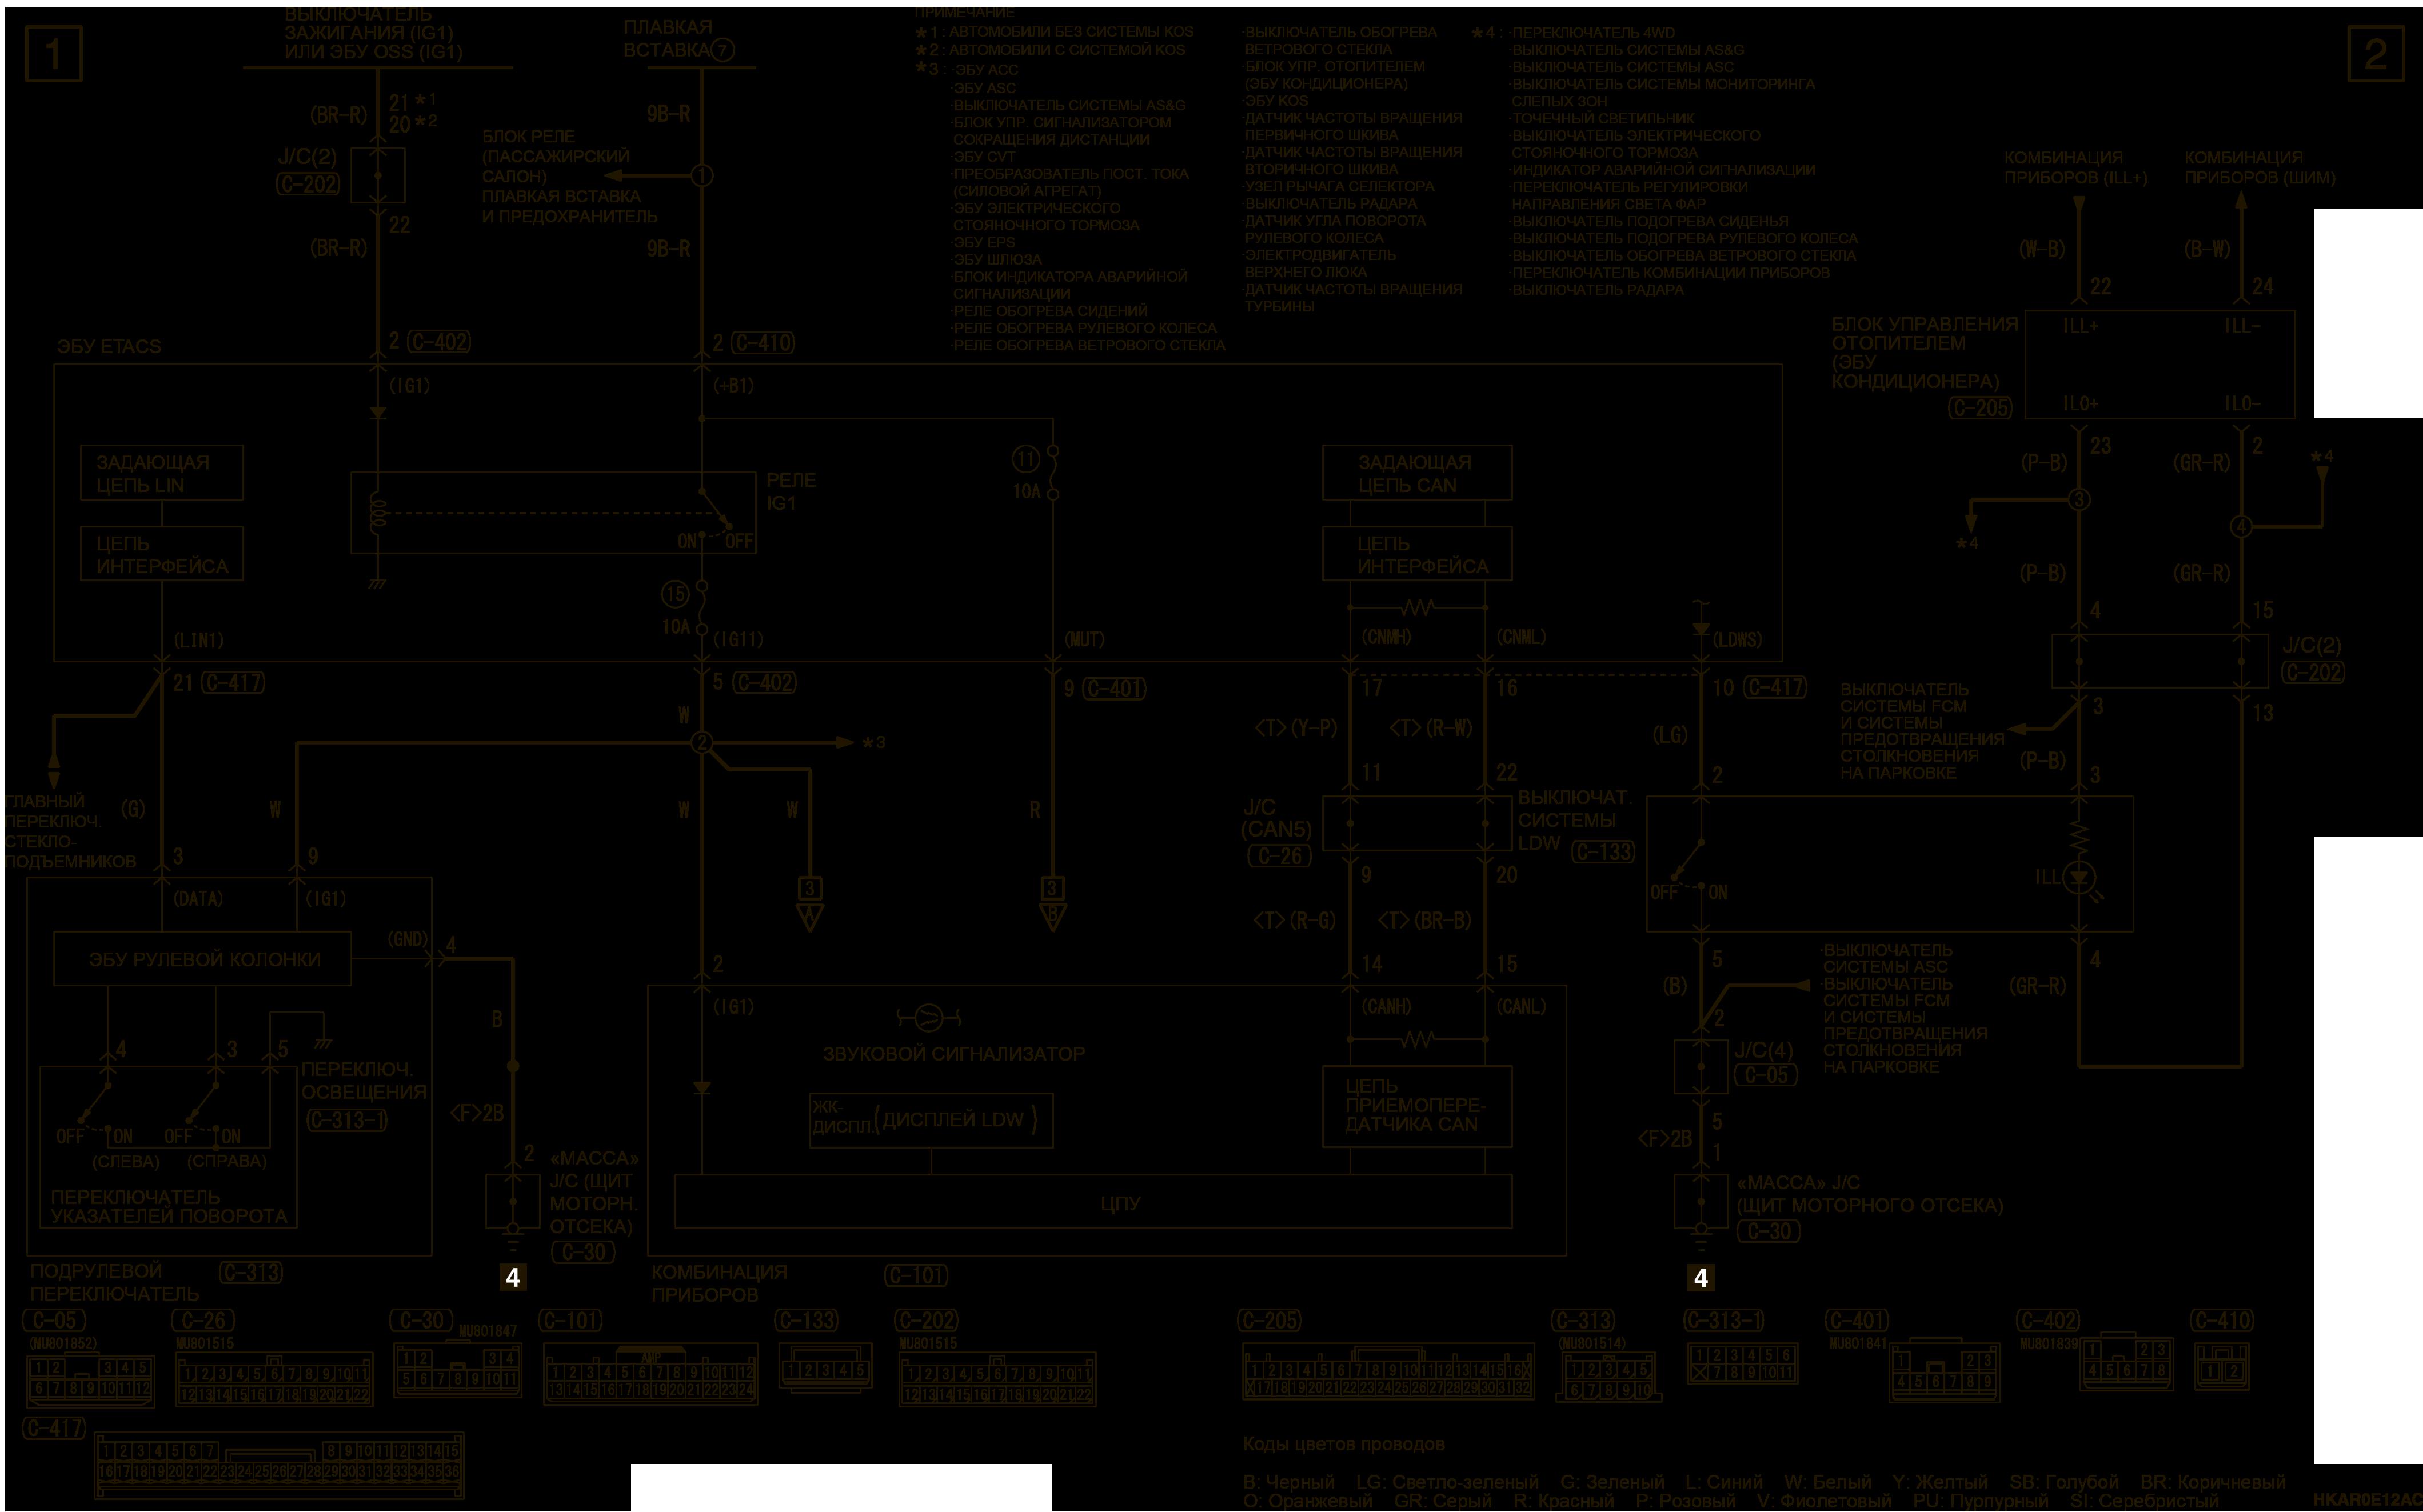 mmc аутлендер 3 2019 электросхемаСИСТЕМА СЛЕЖЕНИЯ ЗА ДОРОЖНОЙ РАЗМЕТКОЙ (LDW) ПРАВОСТОРОННЕЕ УПРАВЛЕНИЕ